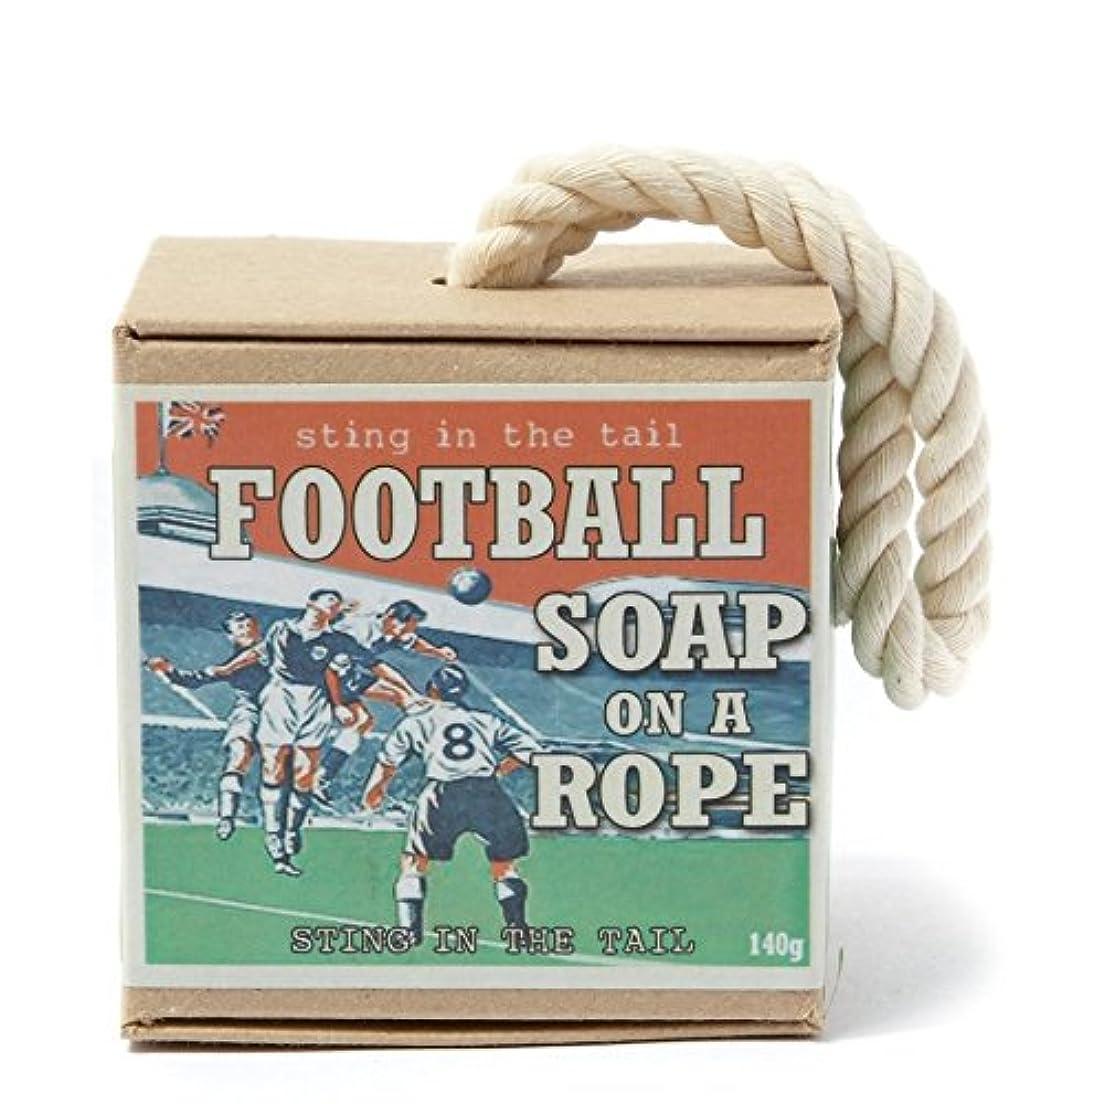 妻エンジンストリームSting In The Tail Football on a Rope Soap (Pack of 6) - ロープ石鹸のテールサッカーで刺します x6 [並行輸入品]